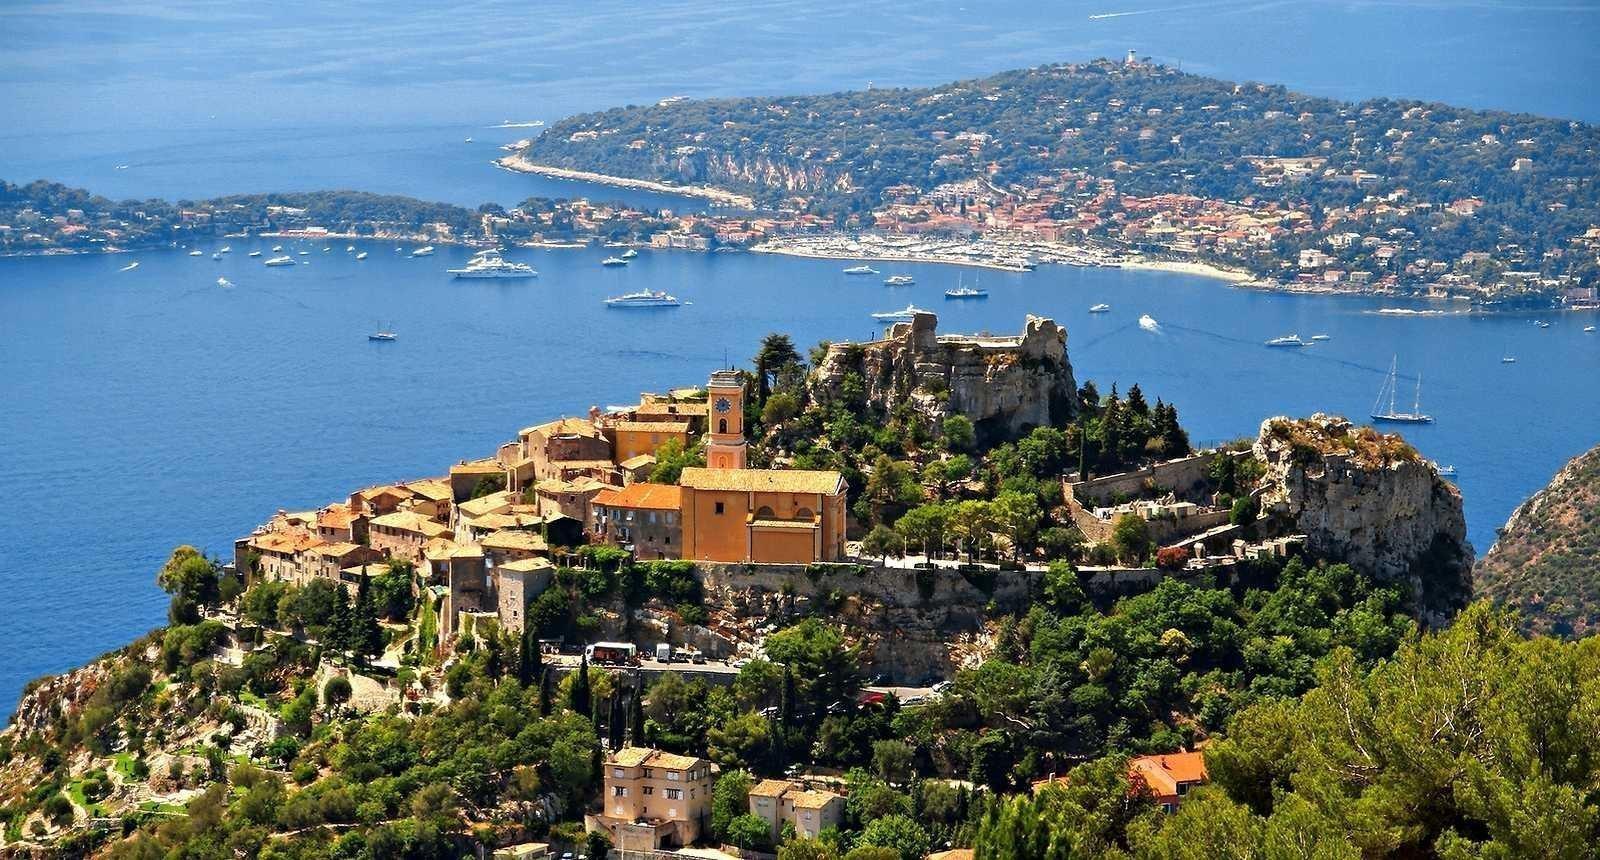 EZE - Provence-Alpes-Côte d'Azur - Vente Appartement neuf -  Vue mer - Piscine